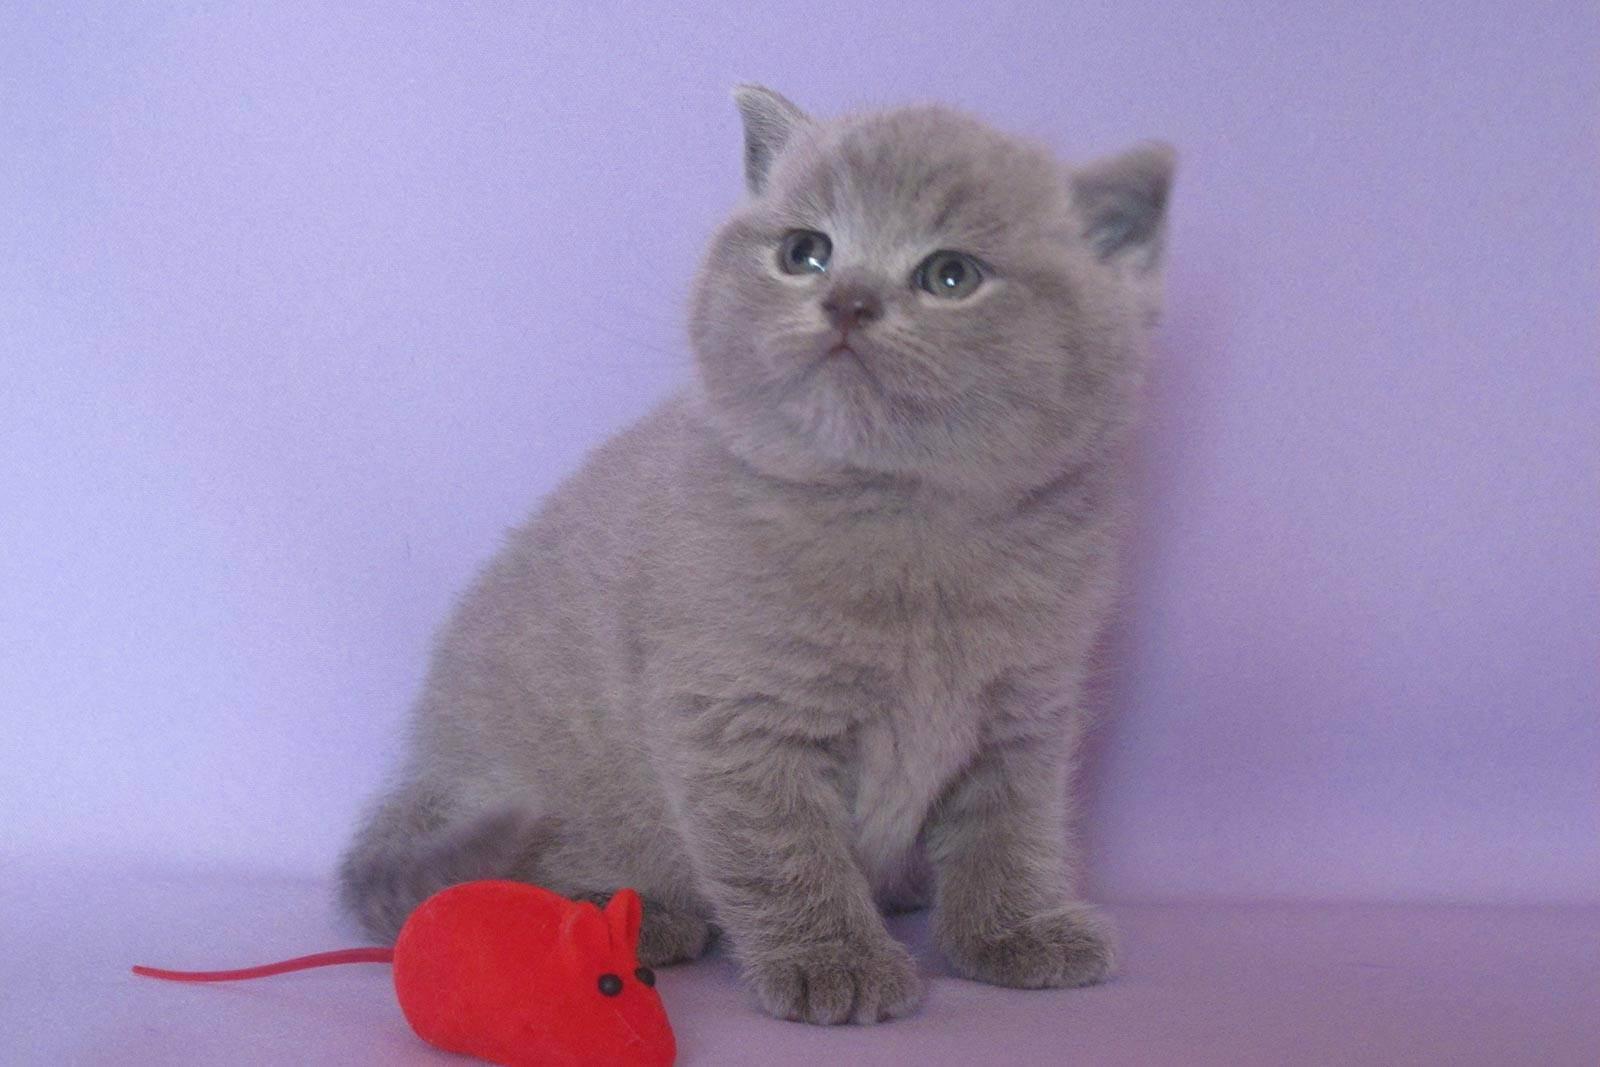 Английские клички для котов и кошек, имена для мальчиков и девочек с переводом.